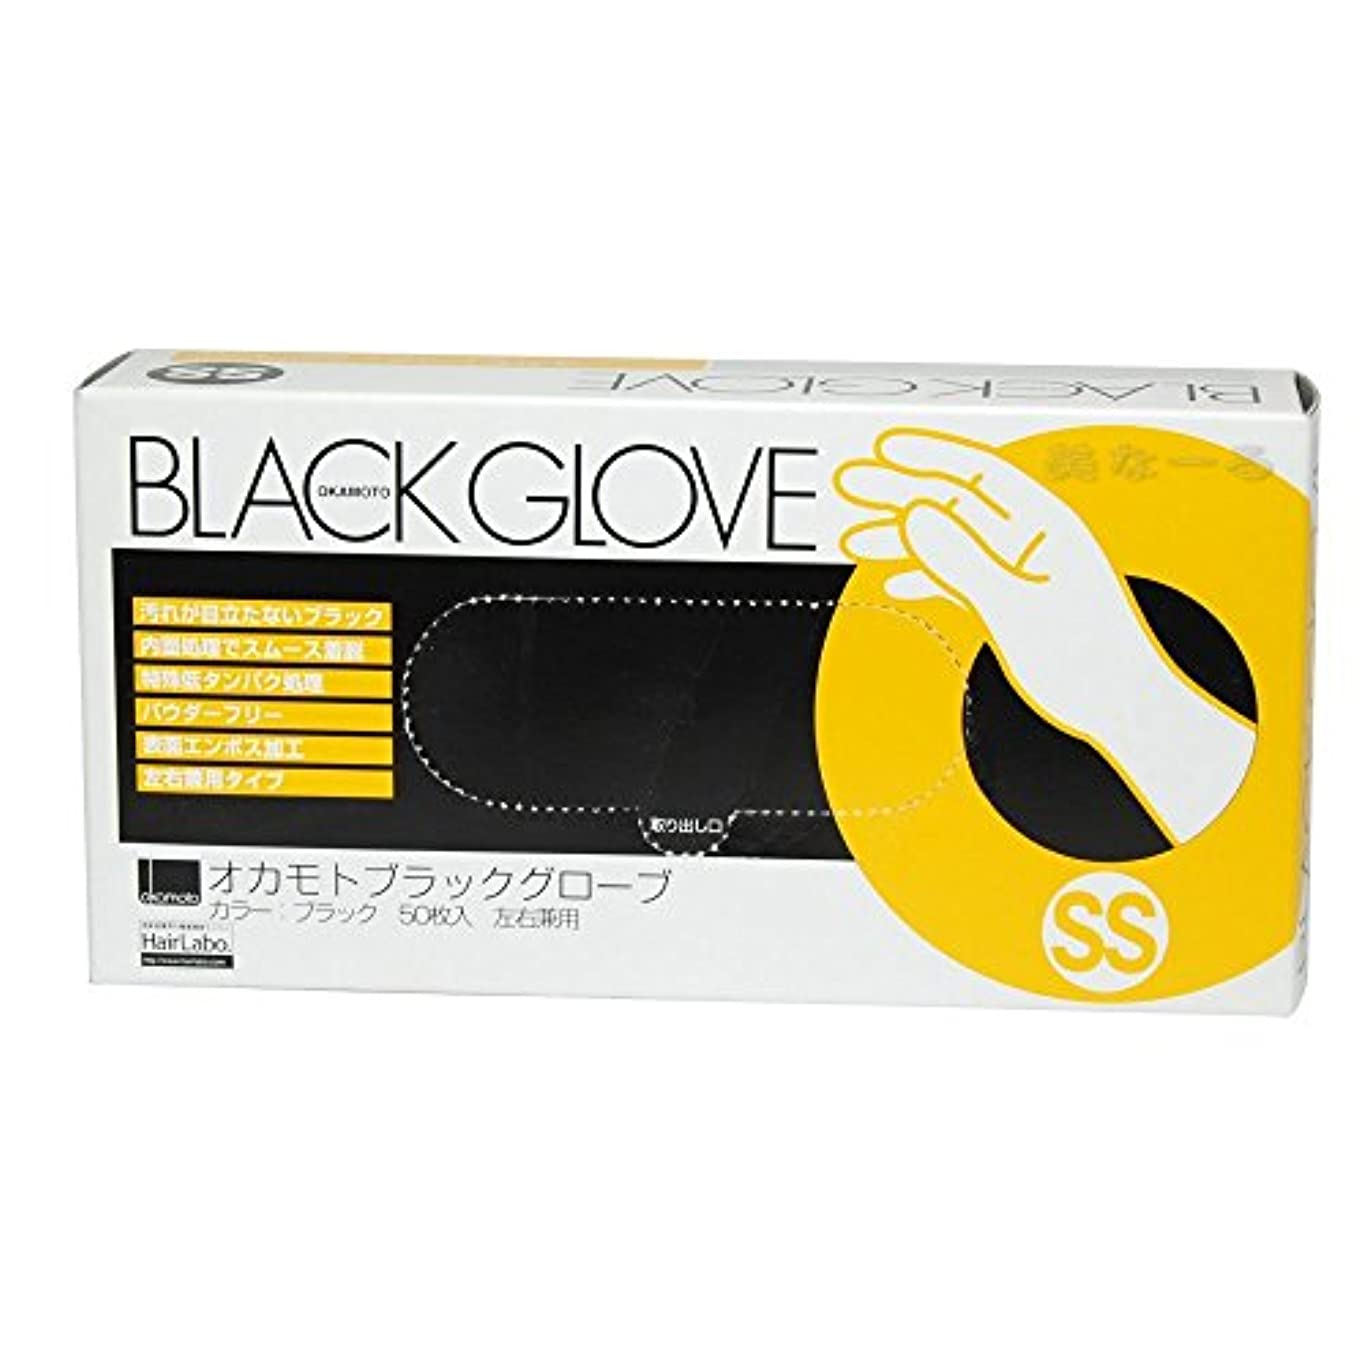 外観黒くするコジオスコオカモト ブラックグローブ SS 50枚入